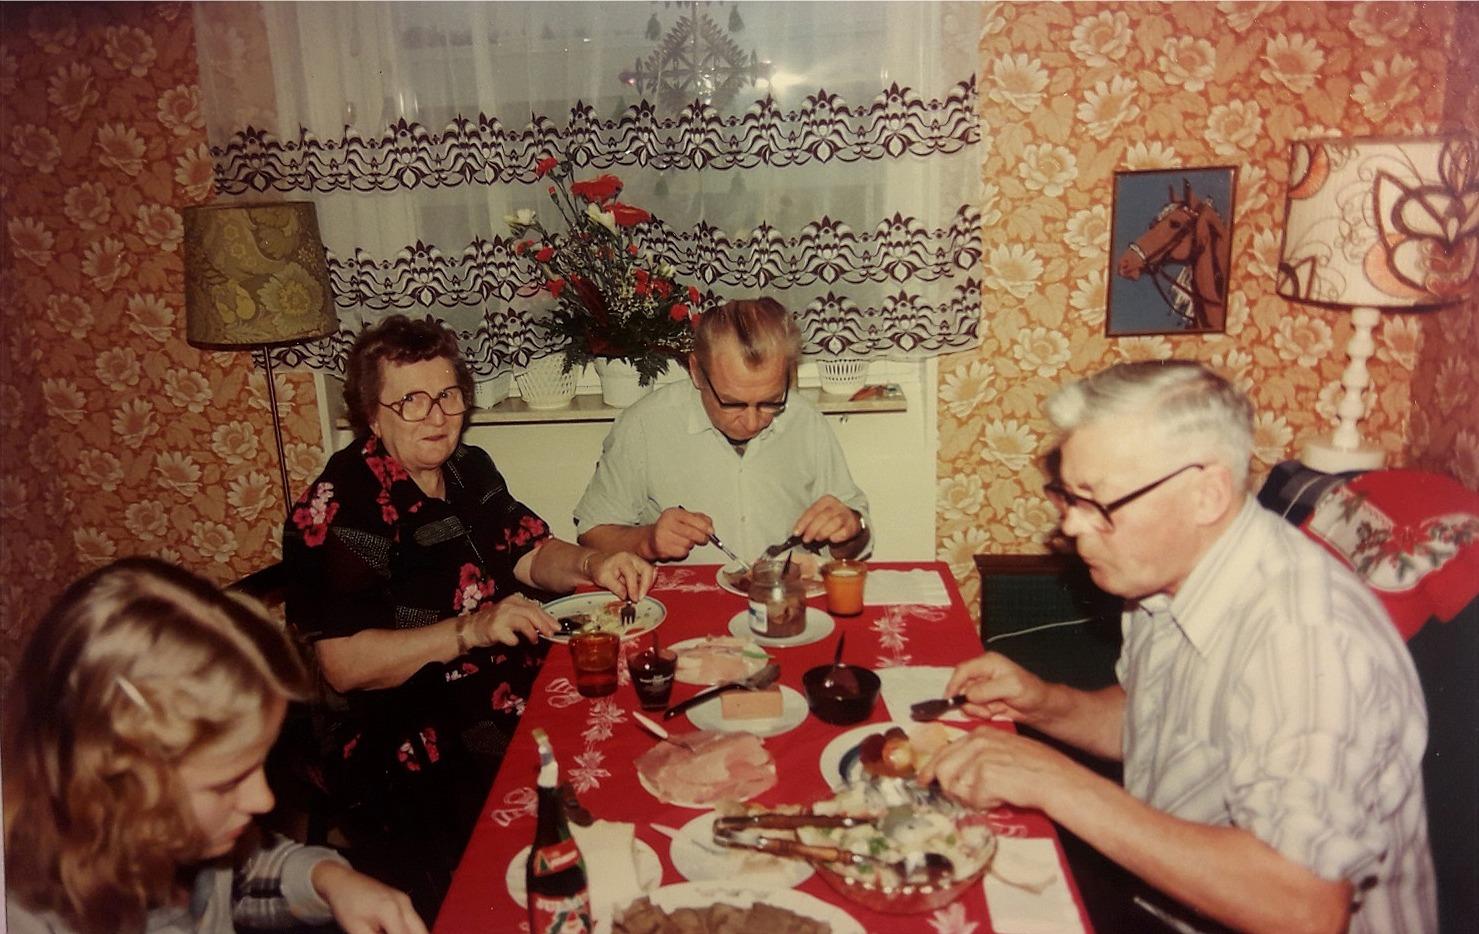 Ines och Eskil Rosenback har Åke Backlund vid bordsändan som gäst vid julbordet.